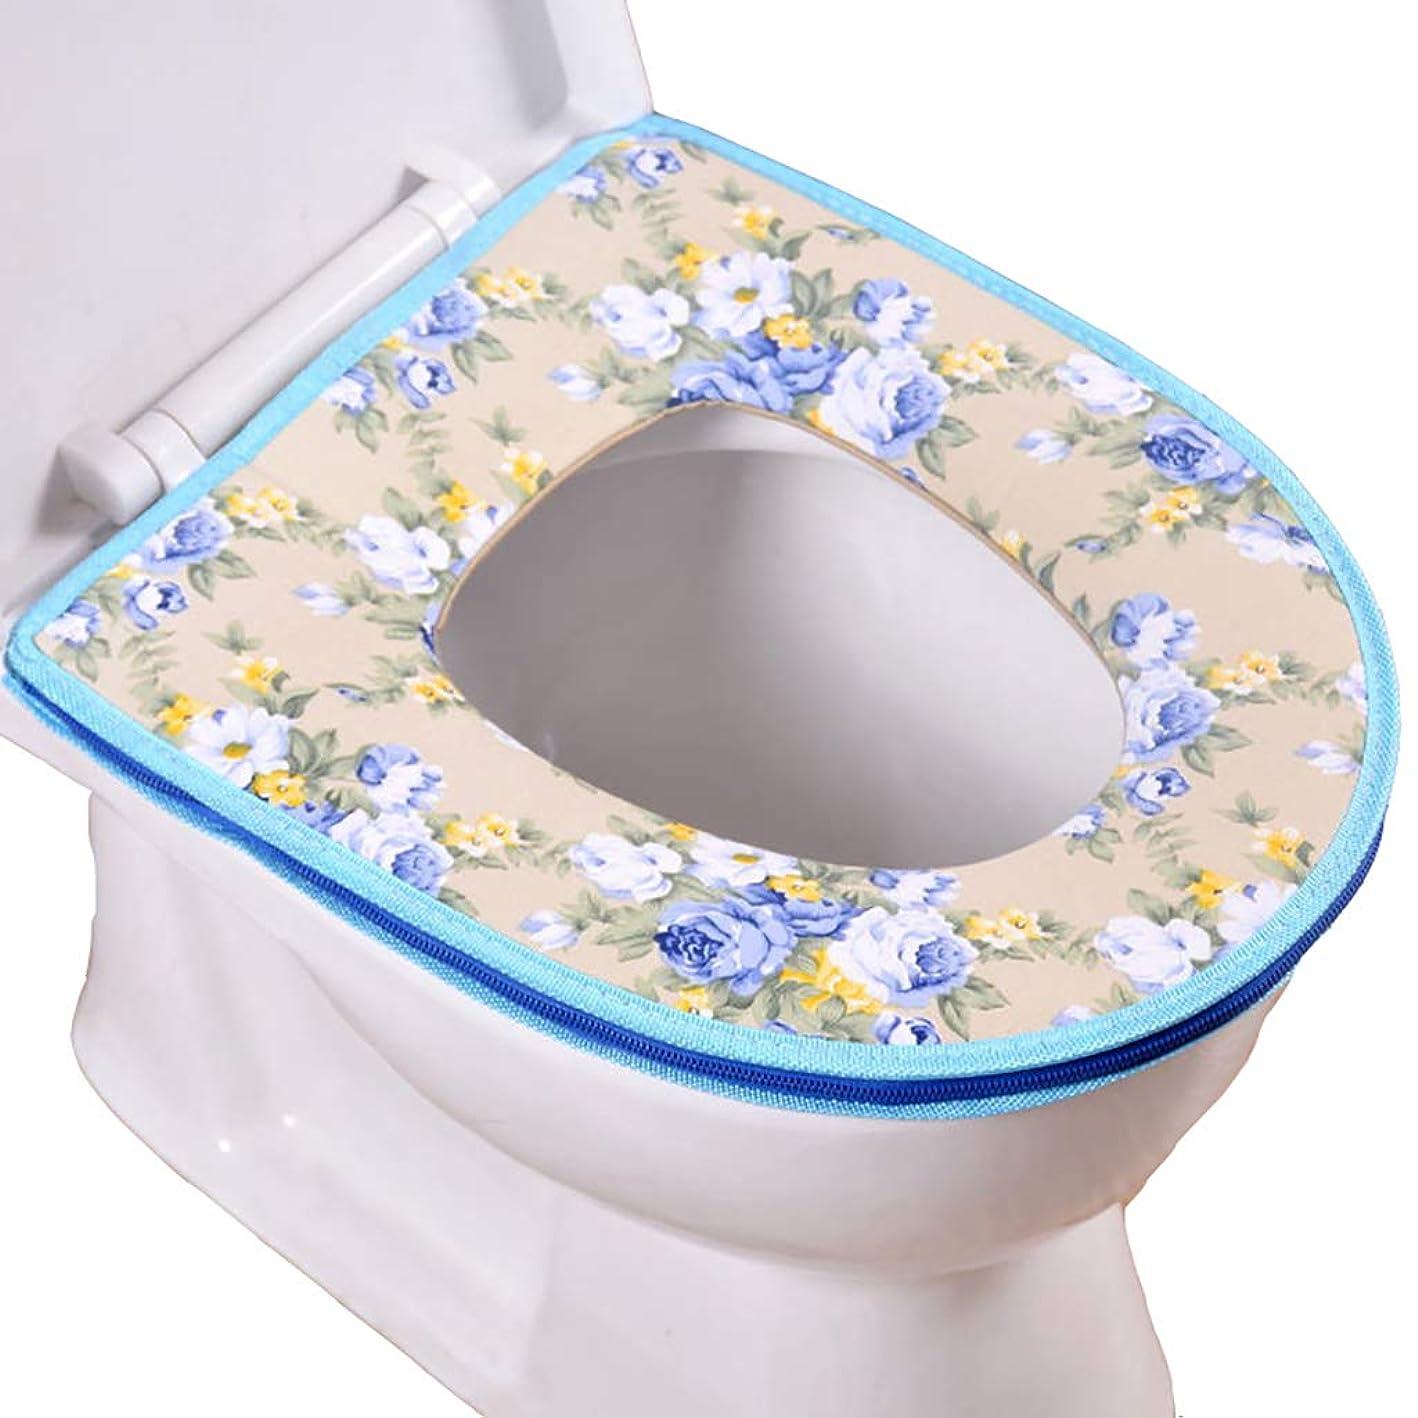 負荷豆尊敬トイレの便座カバー、洗える、取り付けが簡単、清潔、快適な座面カバー(2ペア)(Color:B)